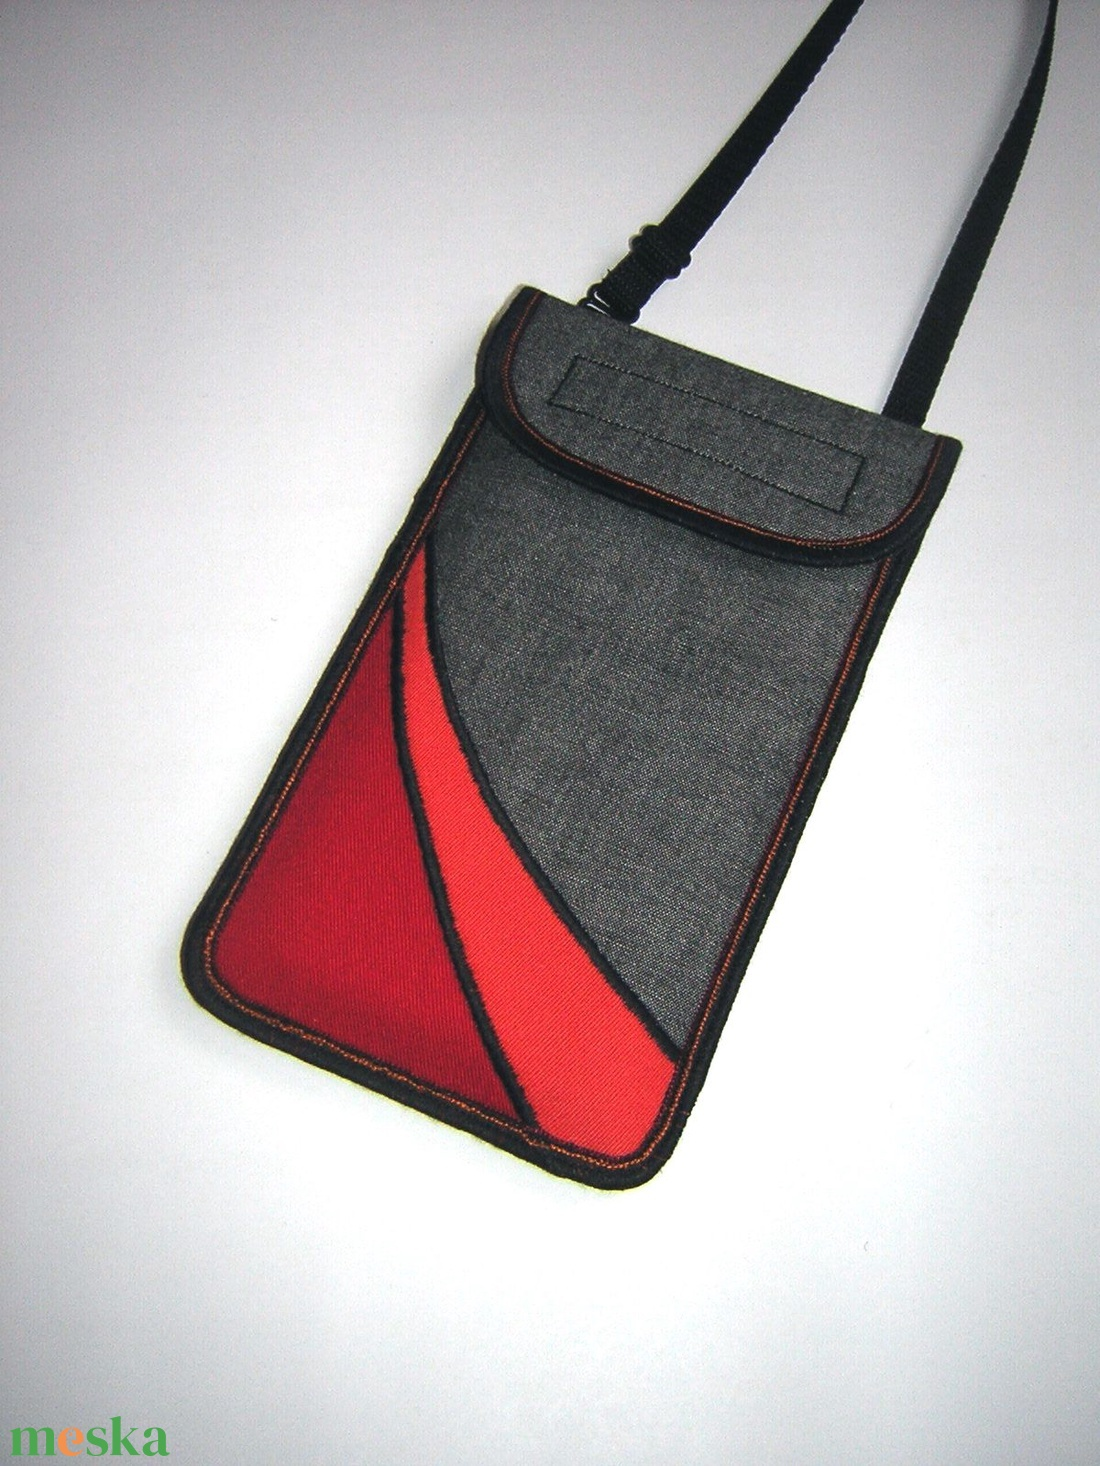 Nyakbaakasztató mobil tok  Plus-os méretű telefonokhoz  XL-es tok állítható pánttal  - táska & tok - pénztárca & más tok - telefontok - Meska.hu